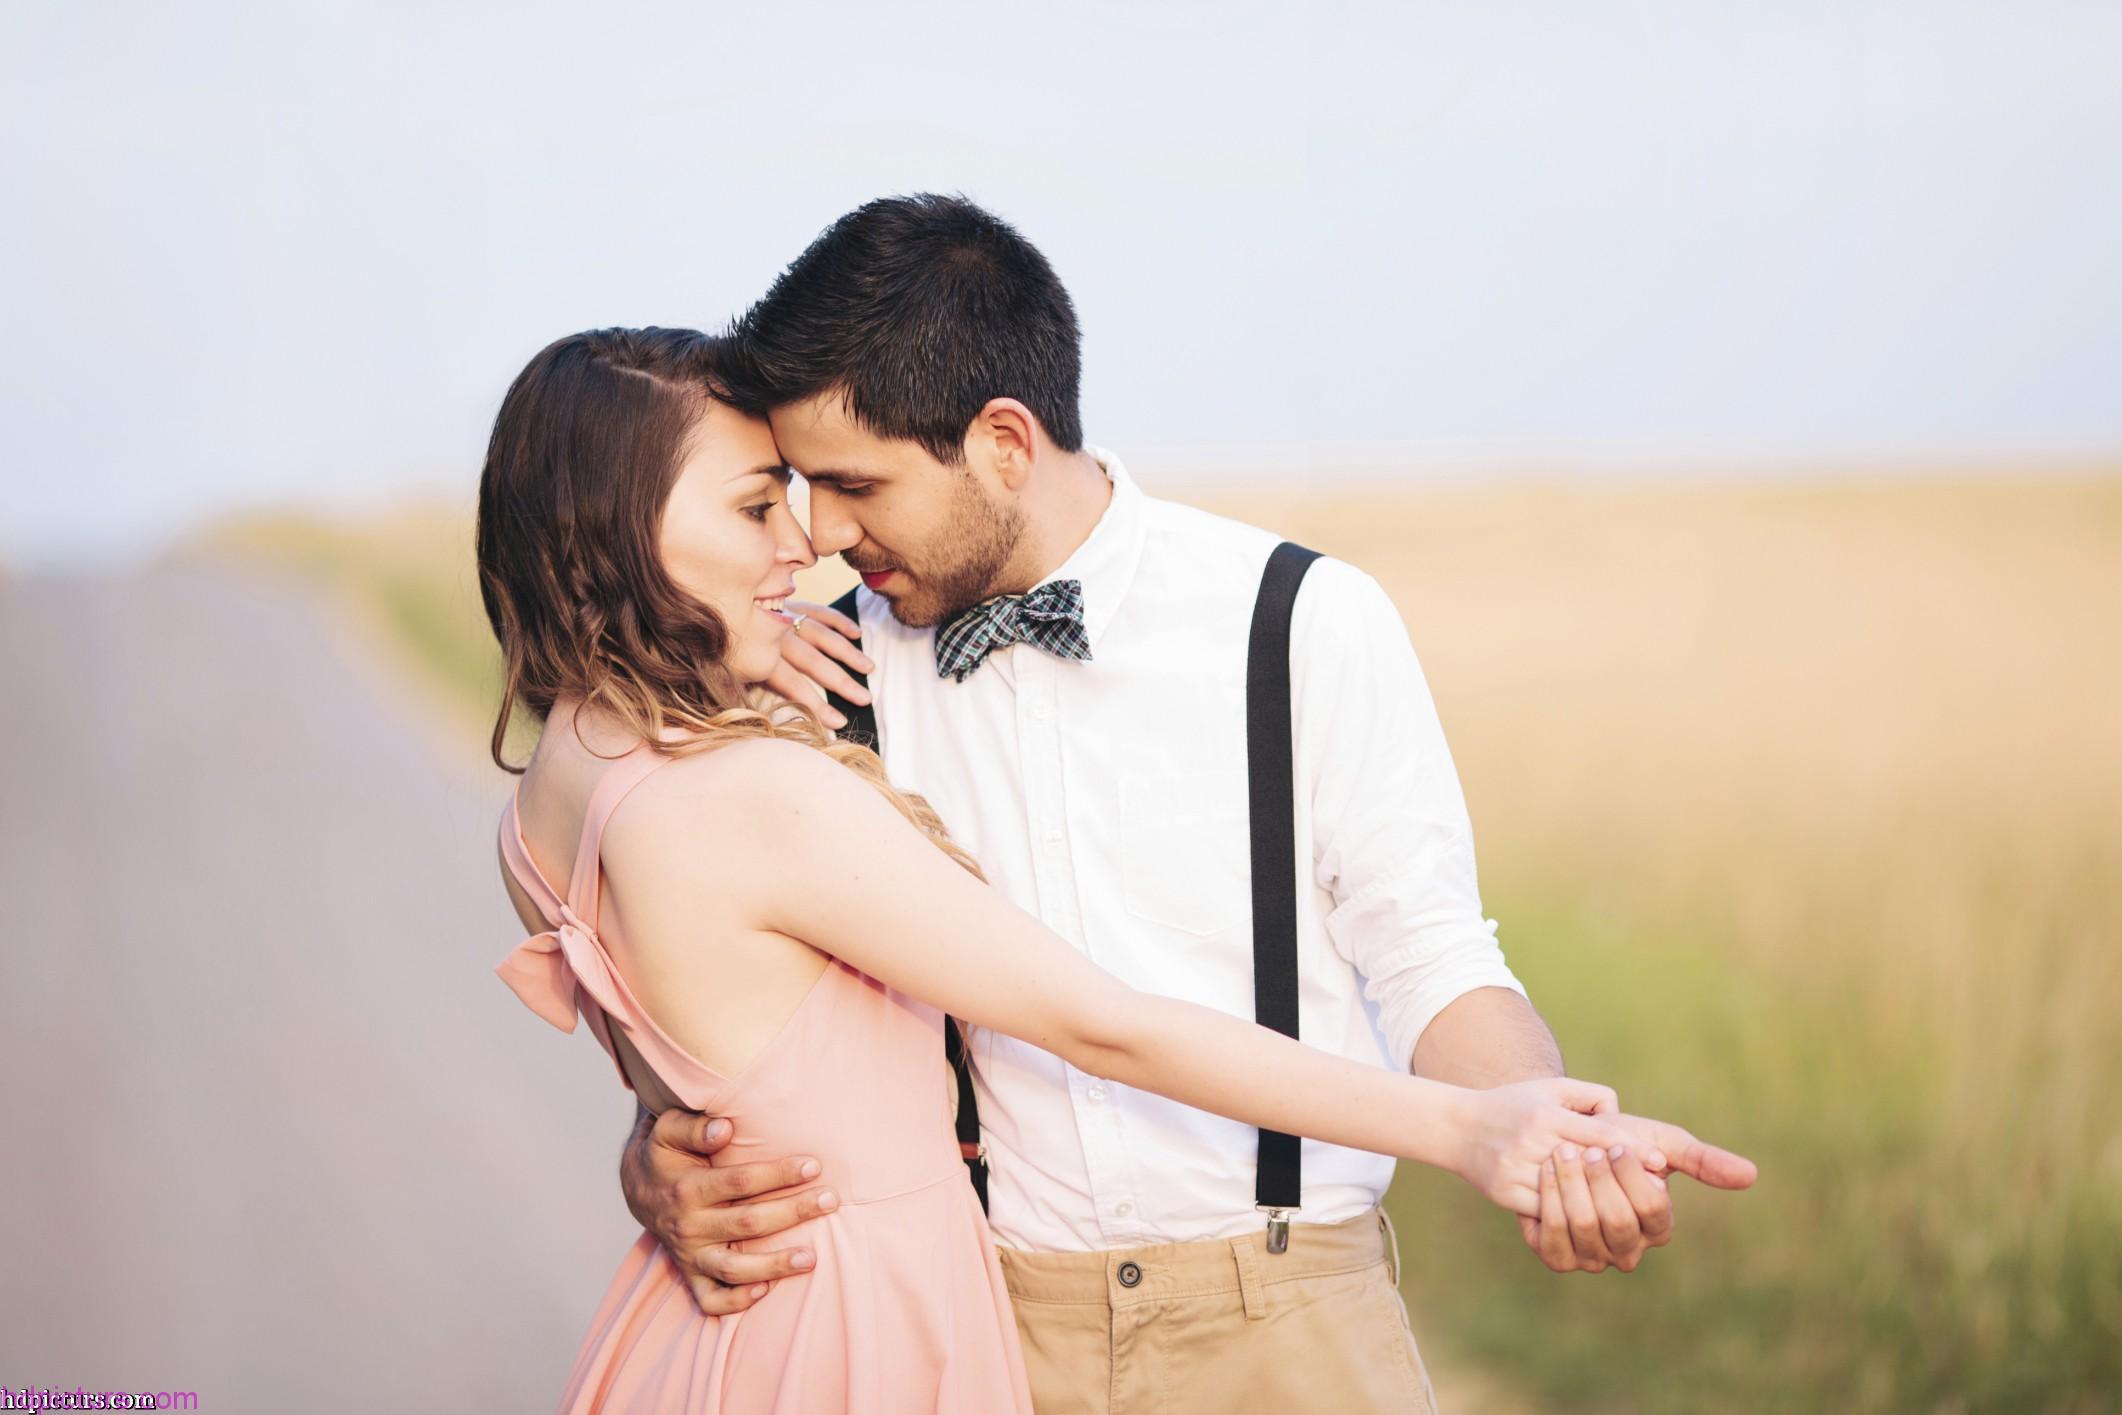 بالصور صور حب رومانسية جديدة , اجمل واحلى صور حب رومانسية جديدة 11786 10